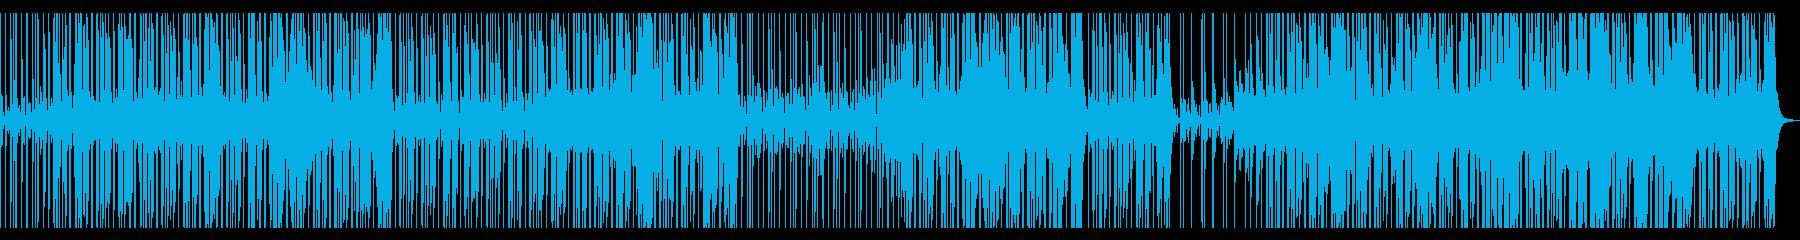 【メロ無し】スローテンポのファンクロックの再生済みの波形